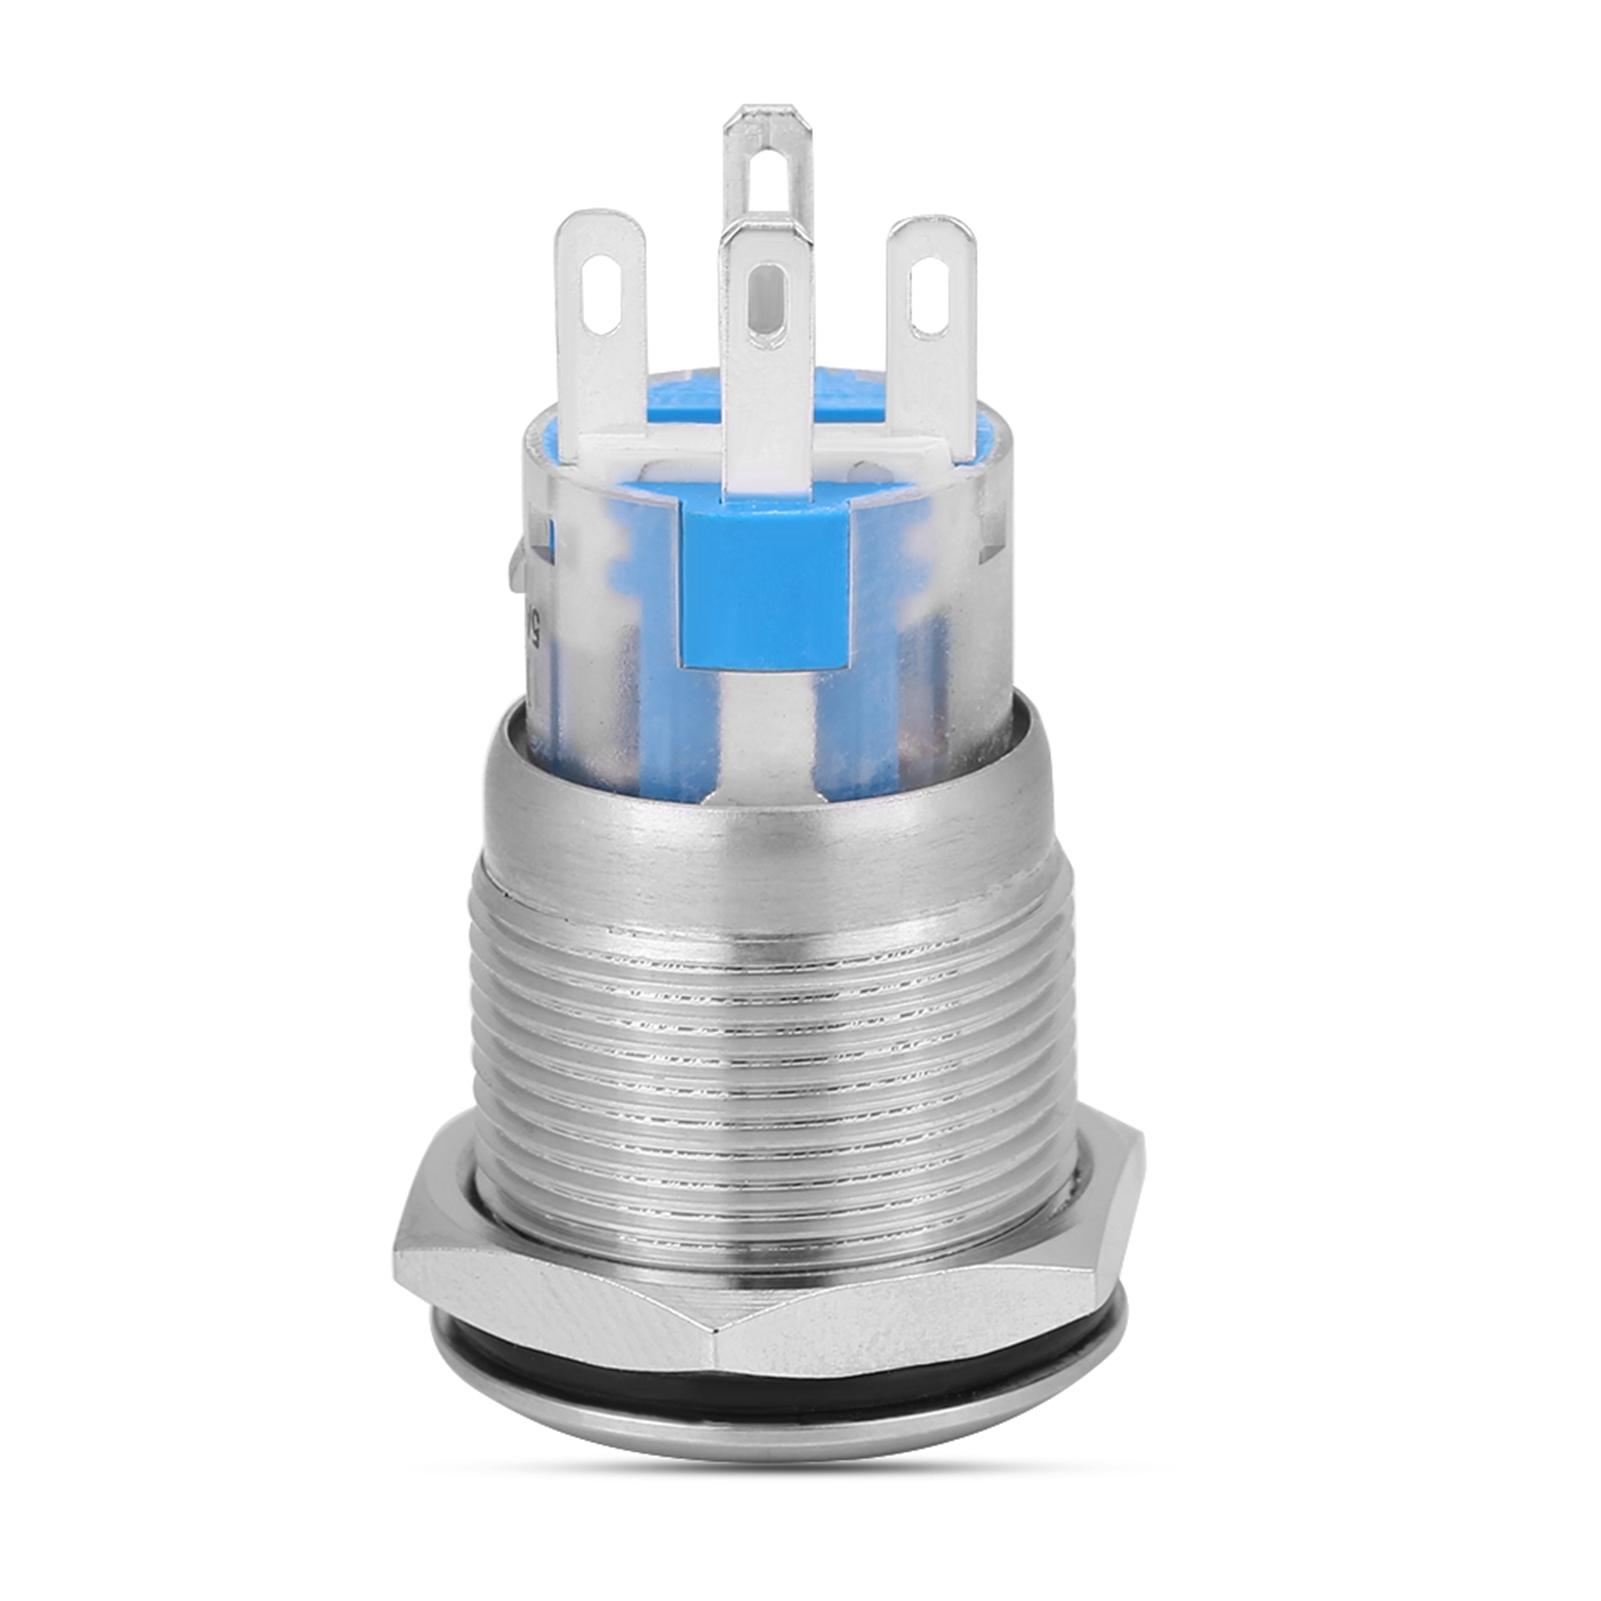 12V-Pulsante-Avviamento-Motore-Auto-LED-Accensione-Motore-impermeabile